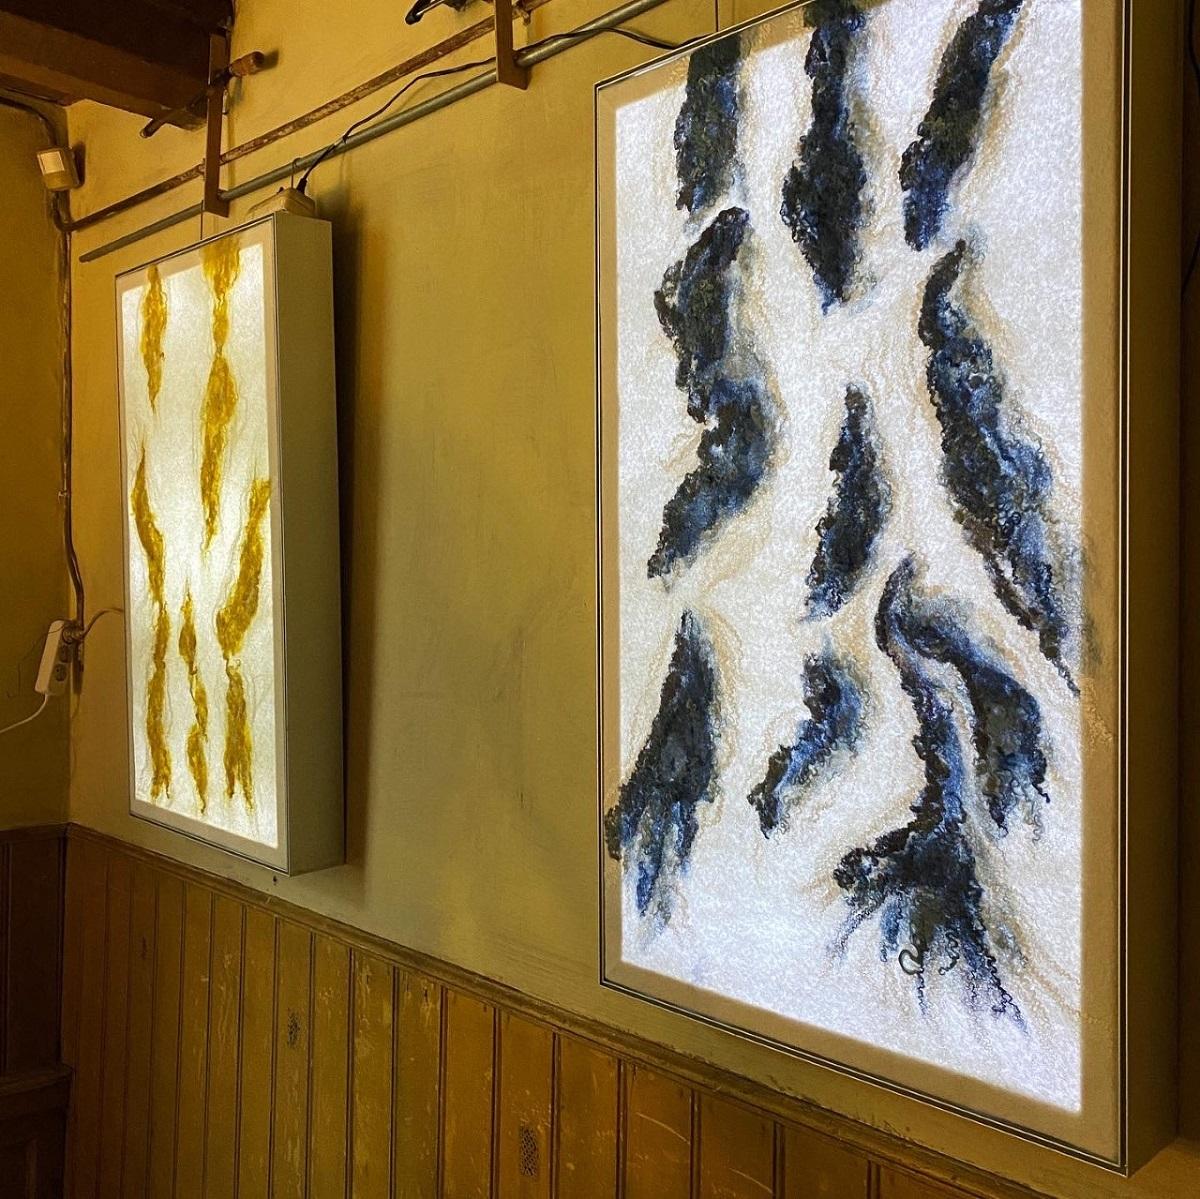 Lichtpanelen met er voor gespannen vilt door Margot van Leeuwen - Handwerkwereld